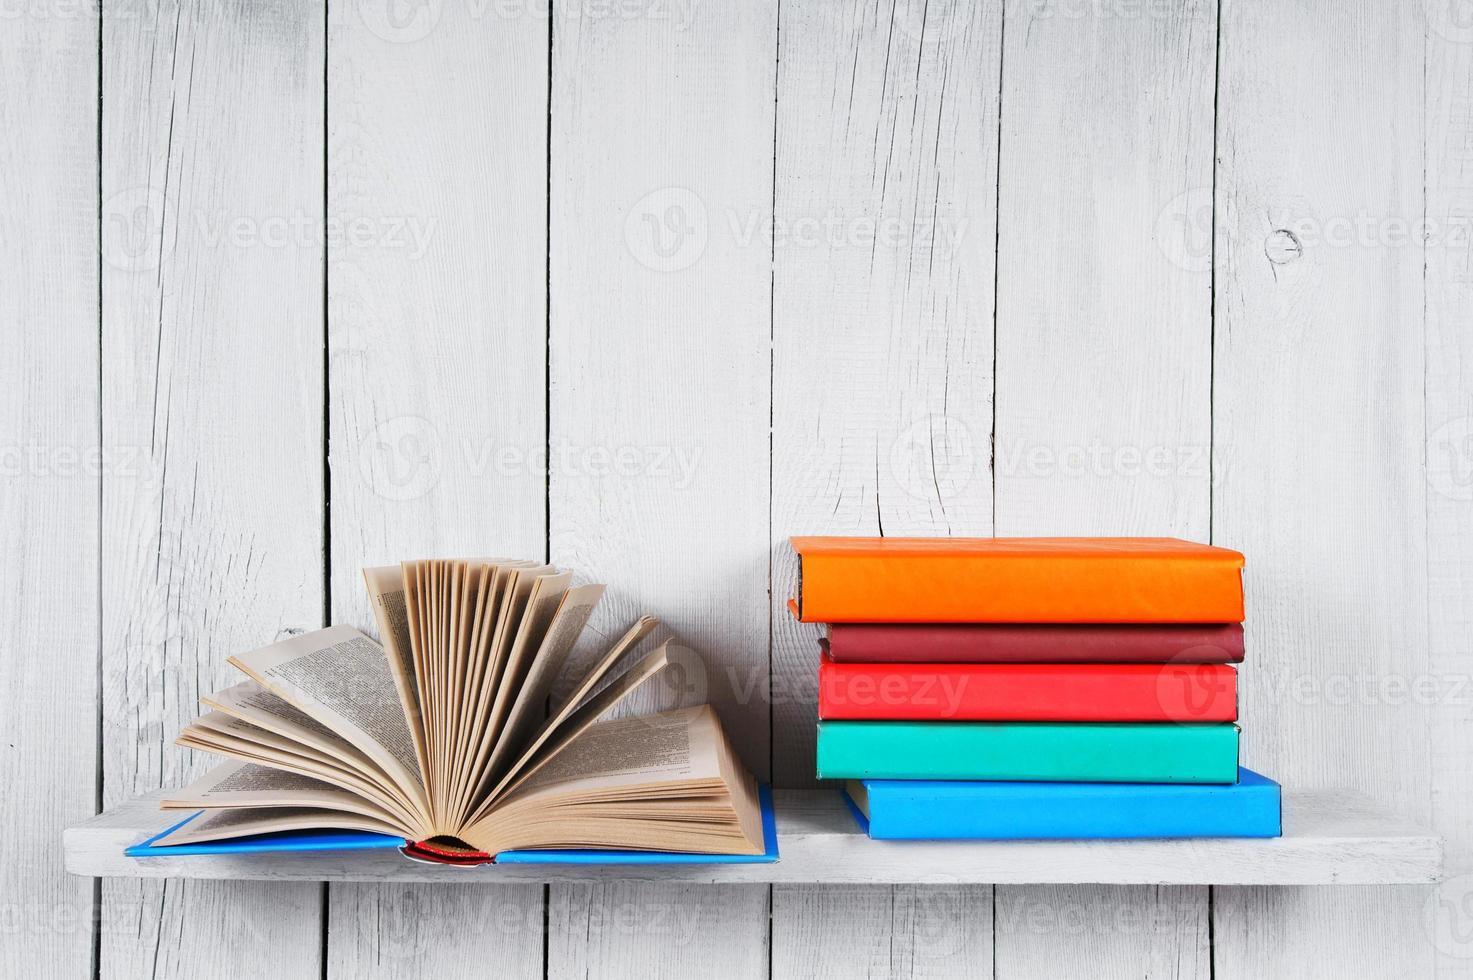 il libro aperto e altri libri multicolori. foto